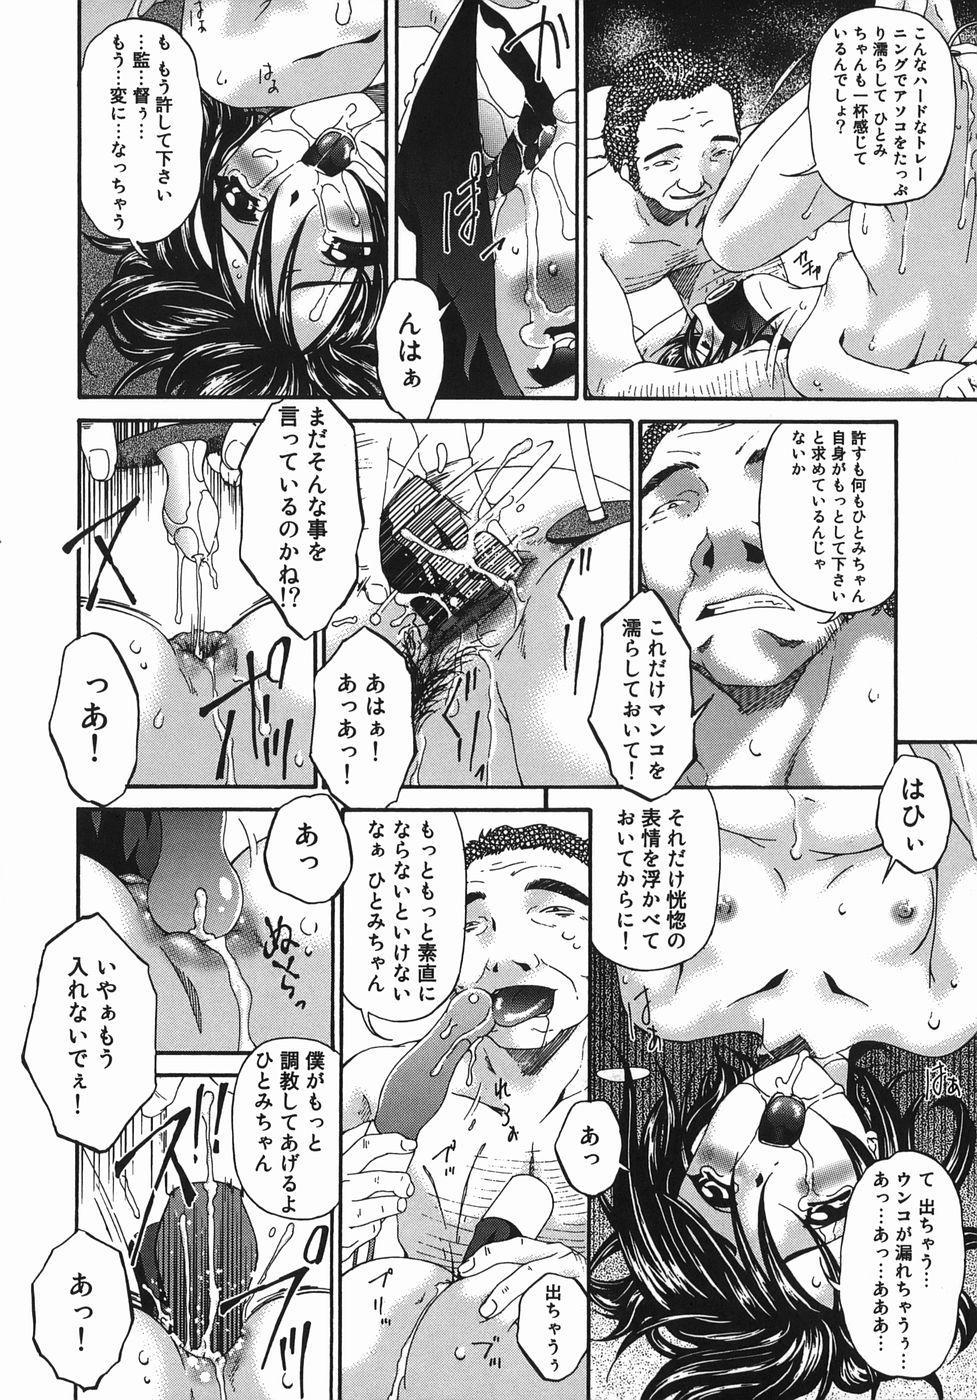 Hensachi ZERO kara no Seiteki Kyouiku 155